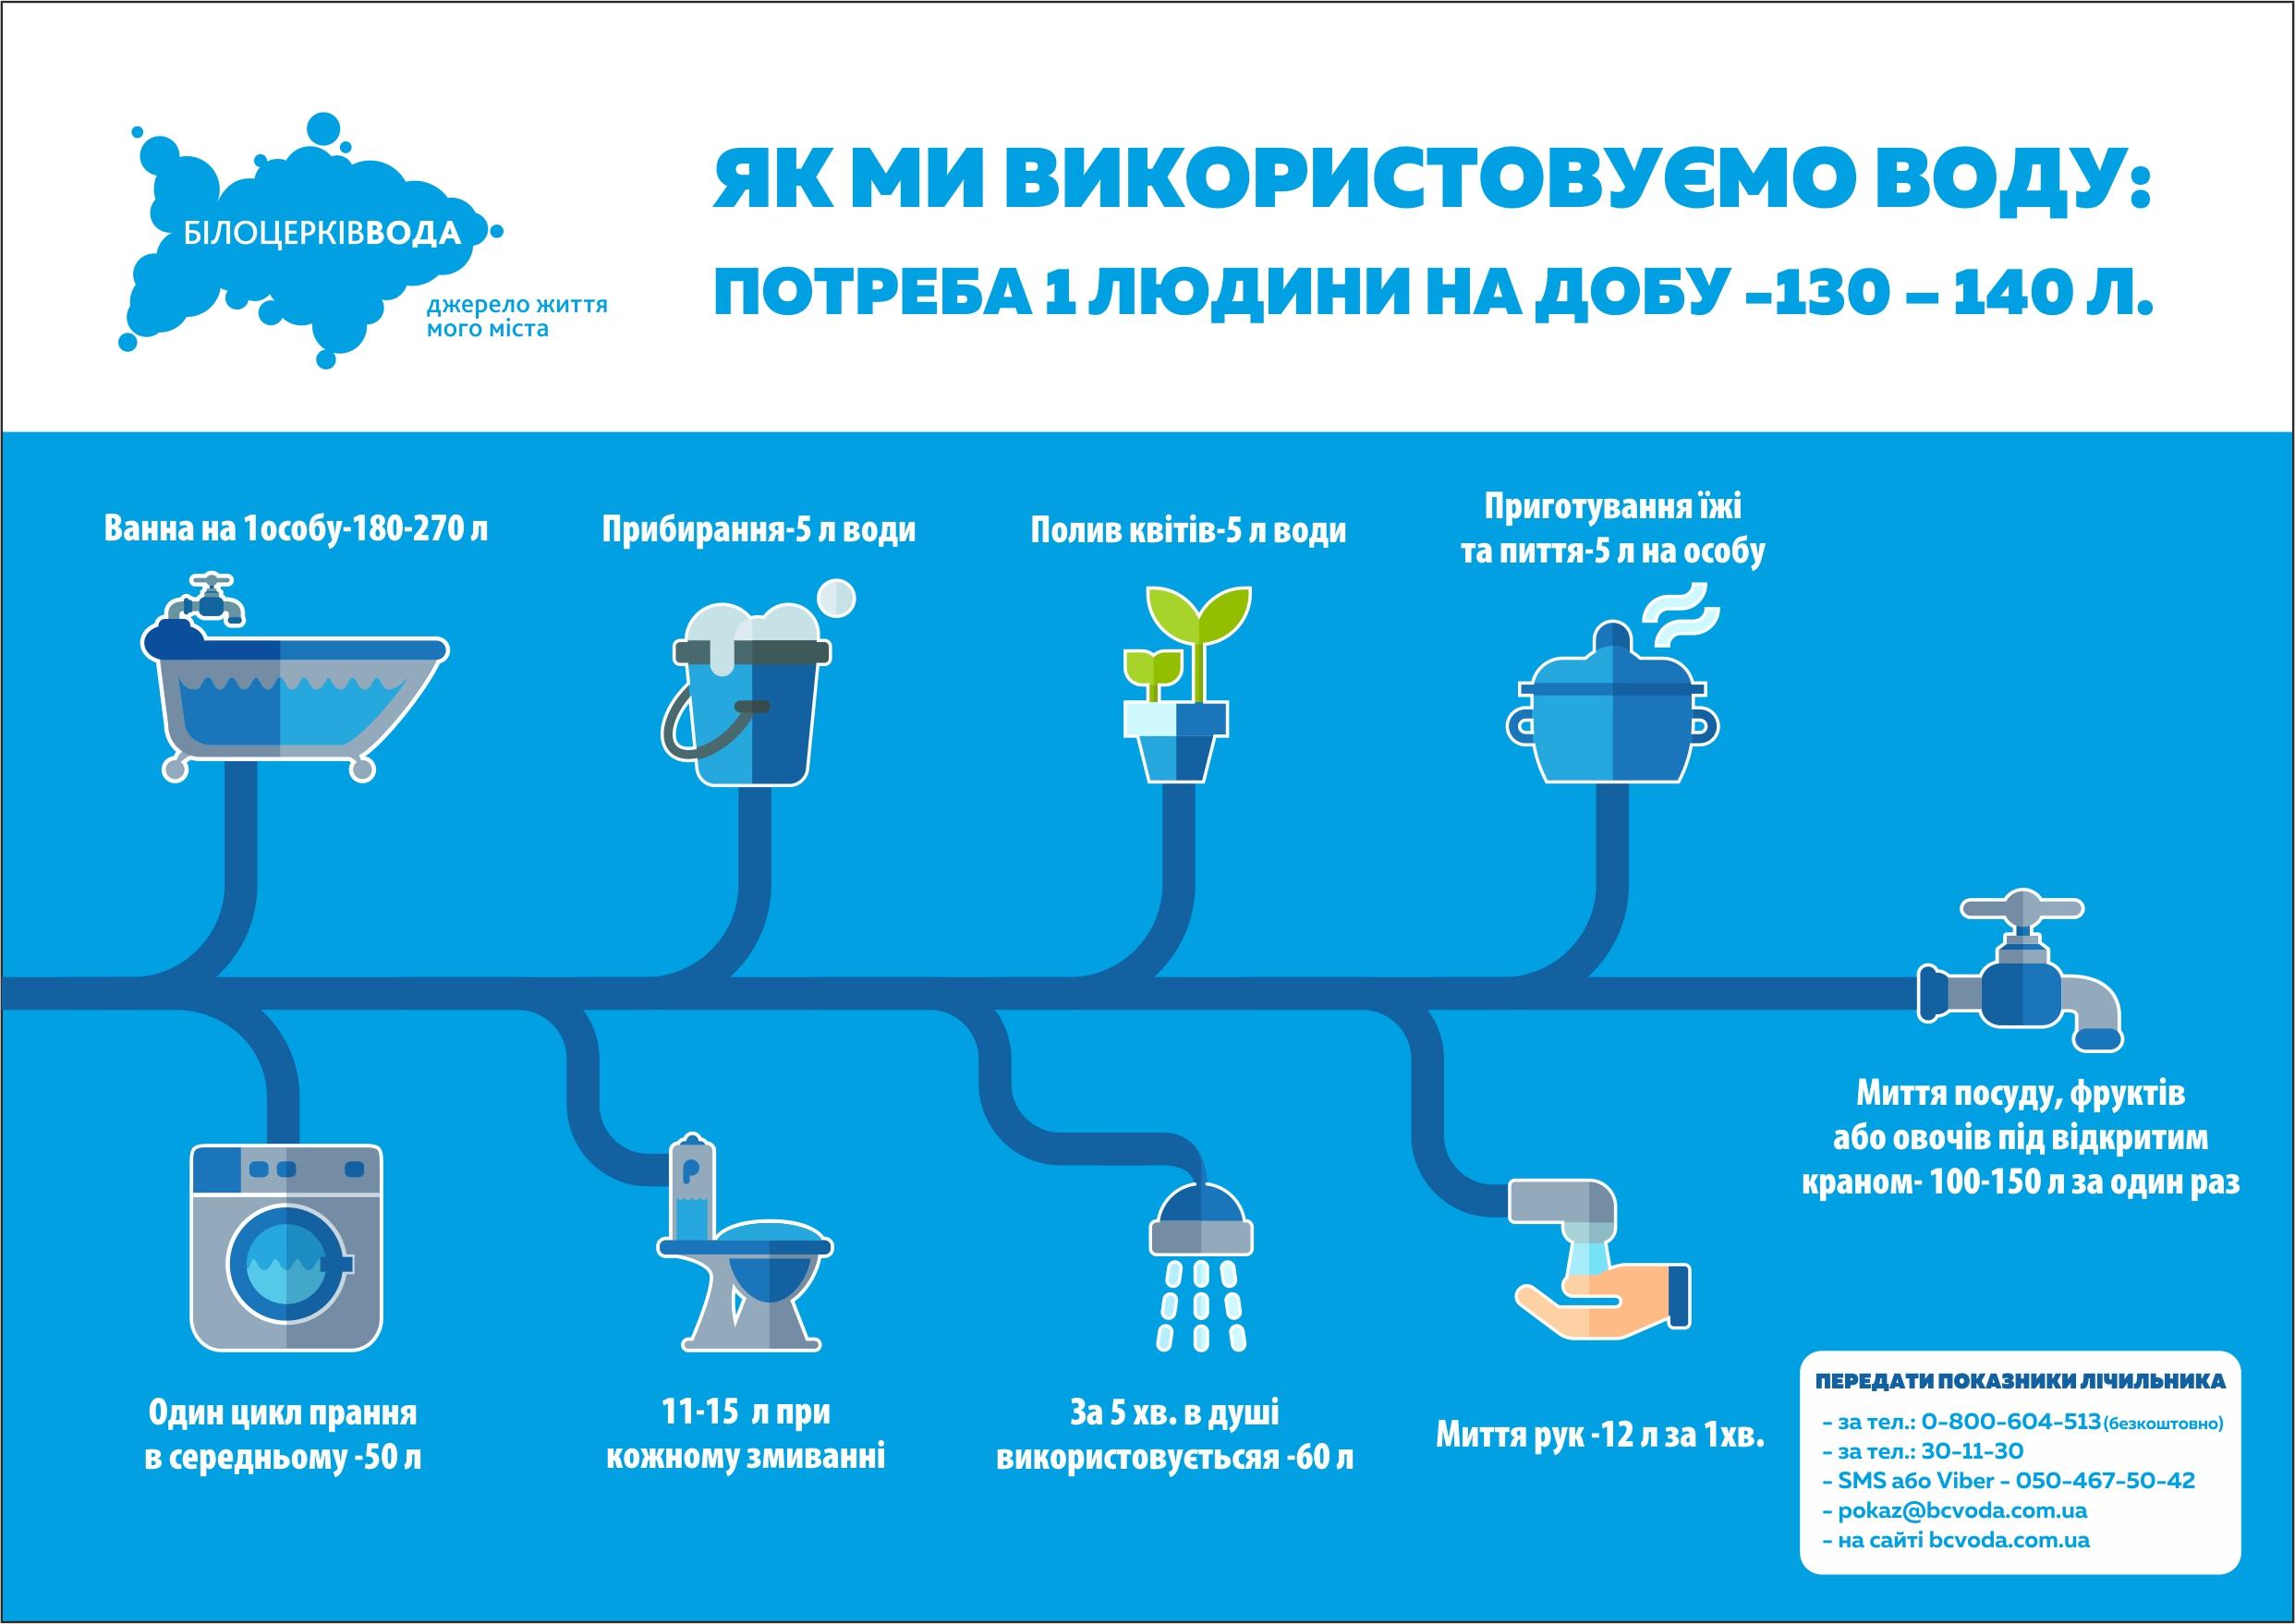 БЦВода інфографіка збереження води_Б